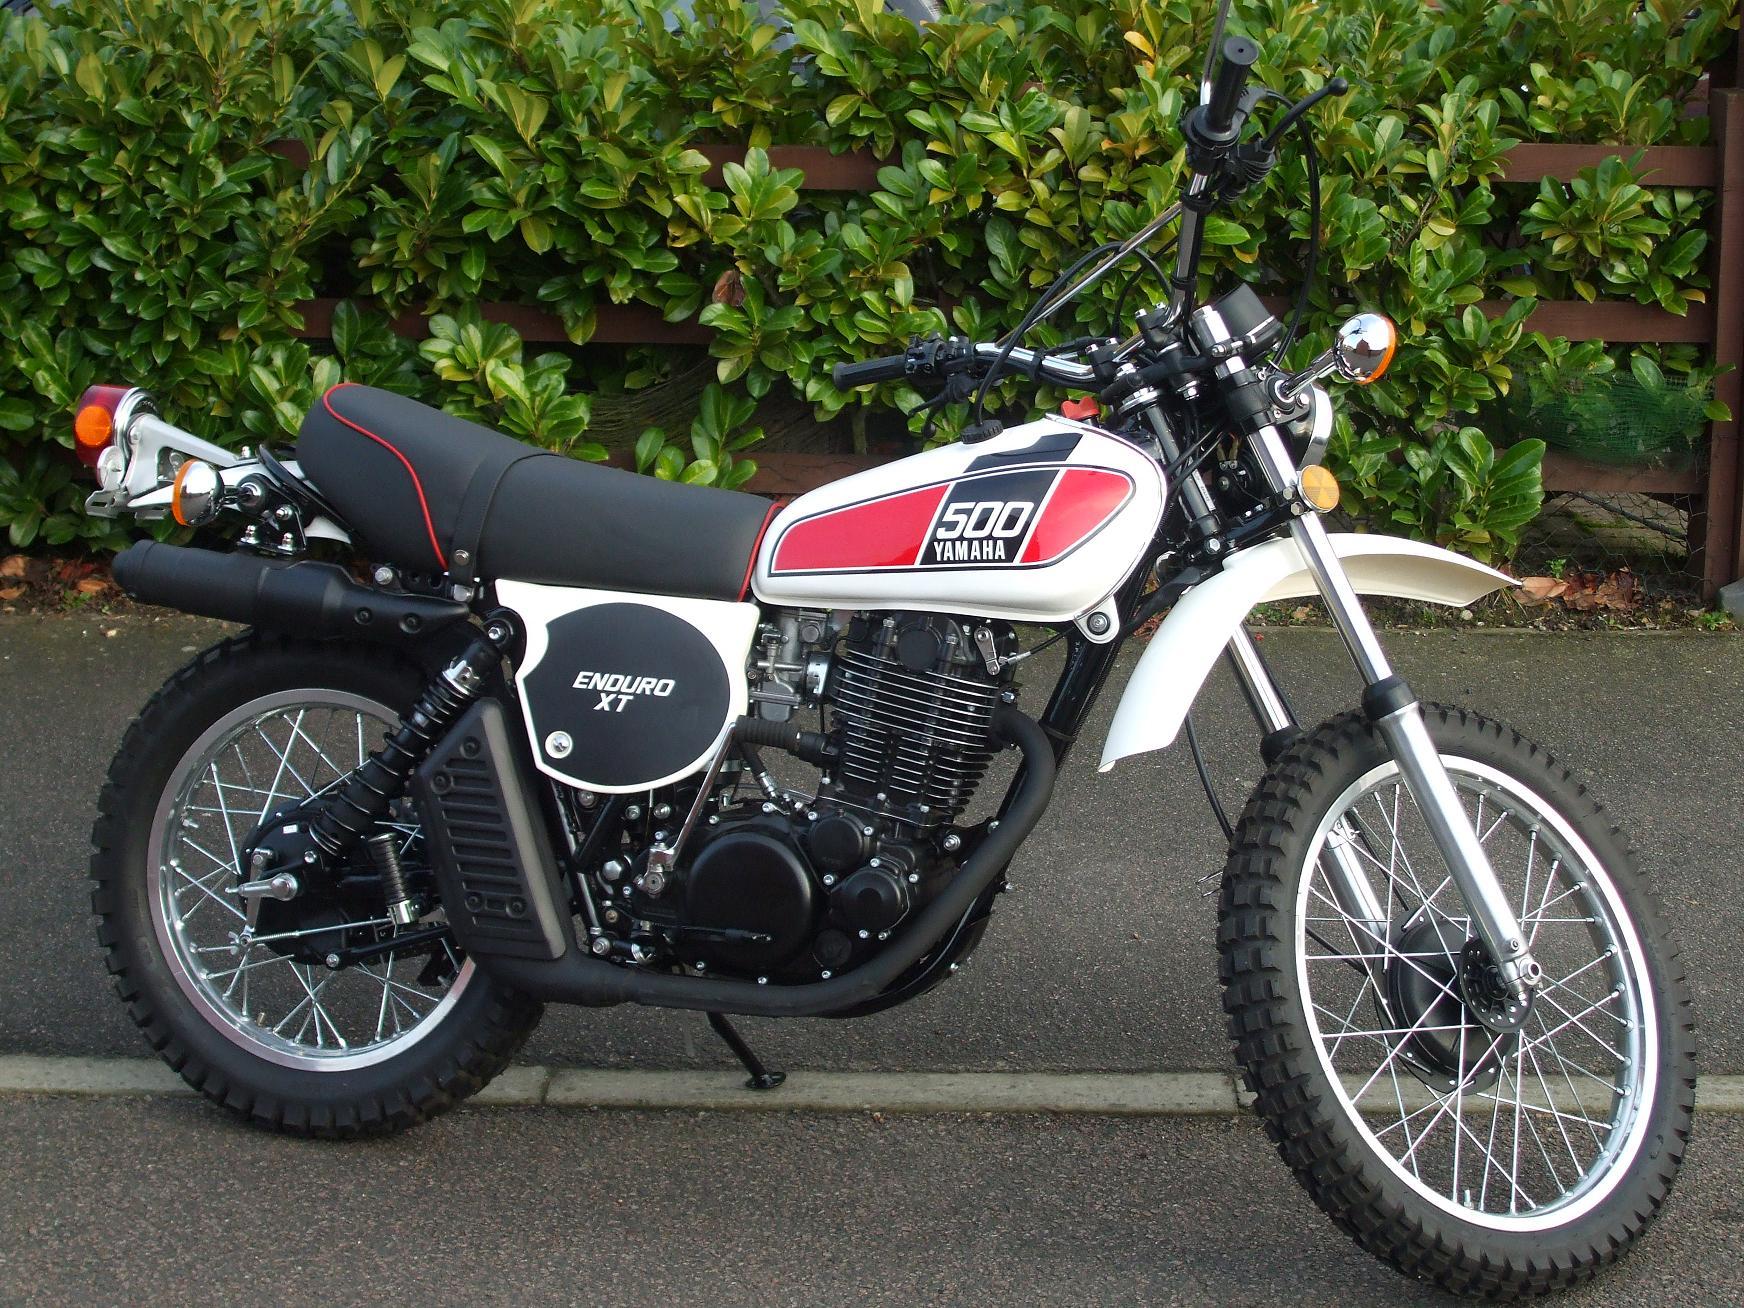 The yamaha 500 at the motorcycle for Yamaha xt500 motorcycle